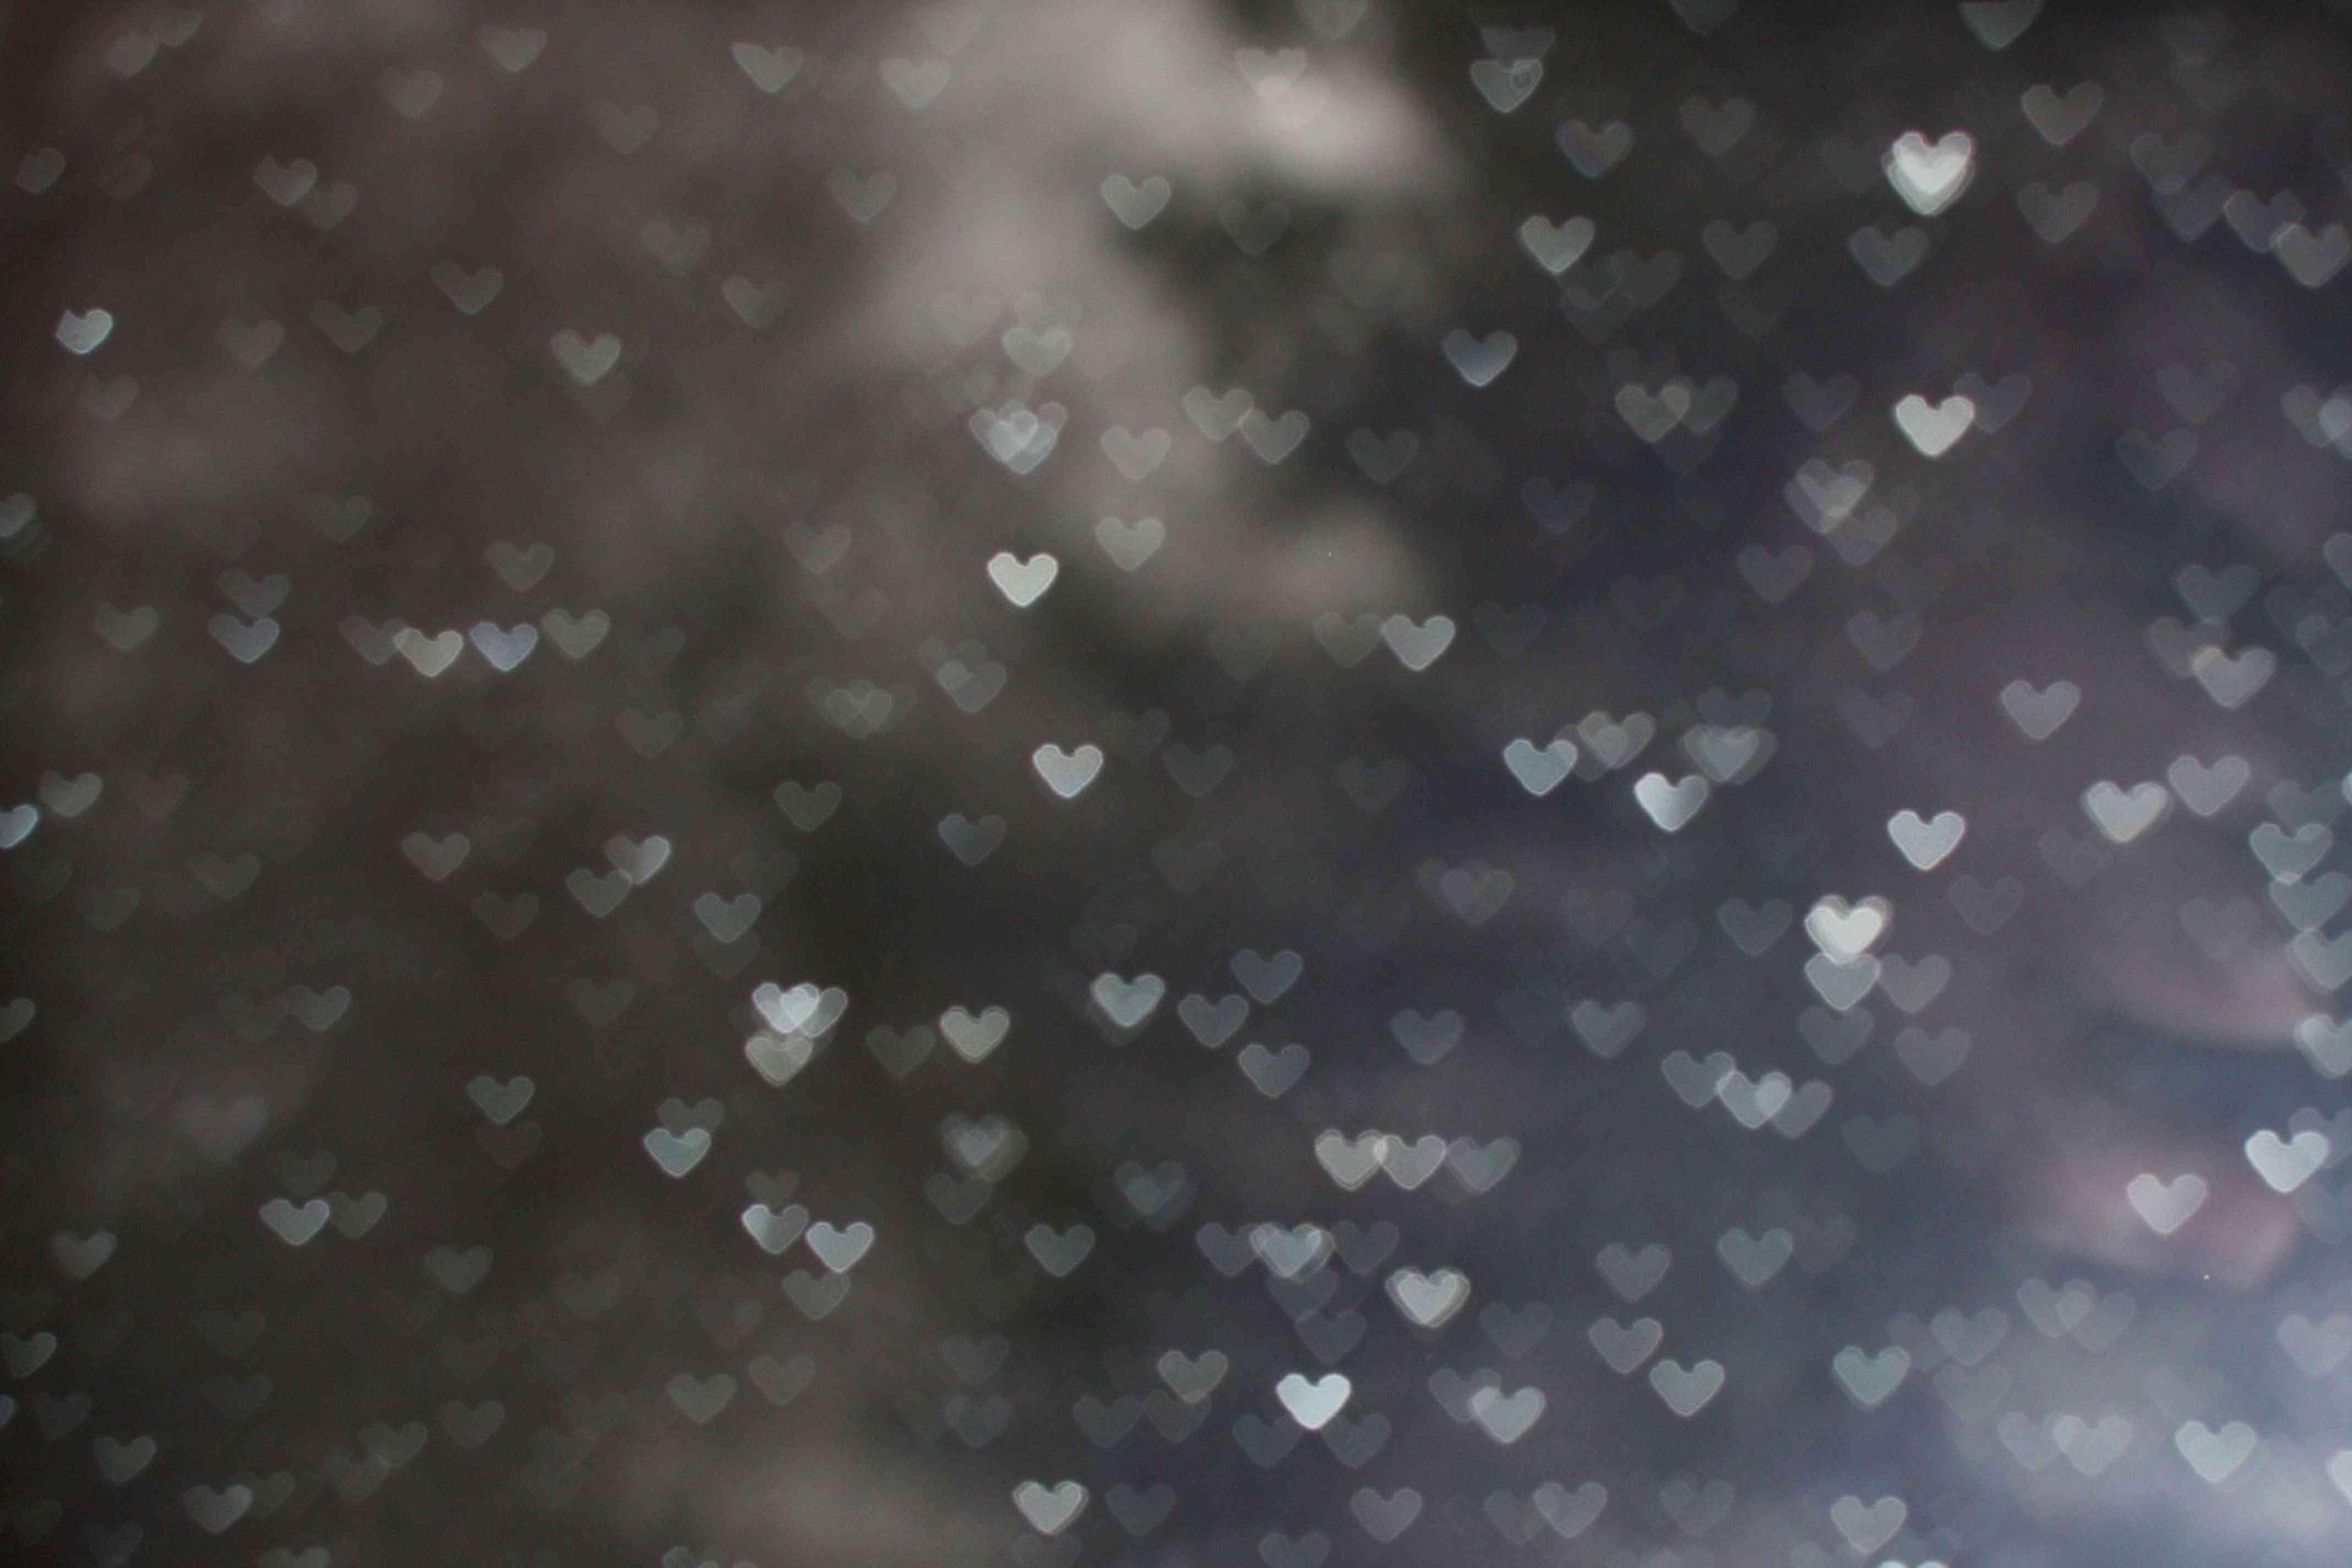 خامتين على شكل قلوب فى السماء فوق الروعة 0210